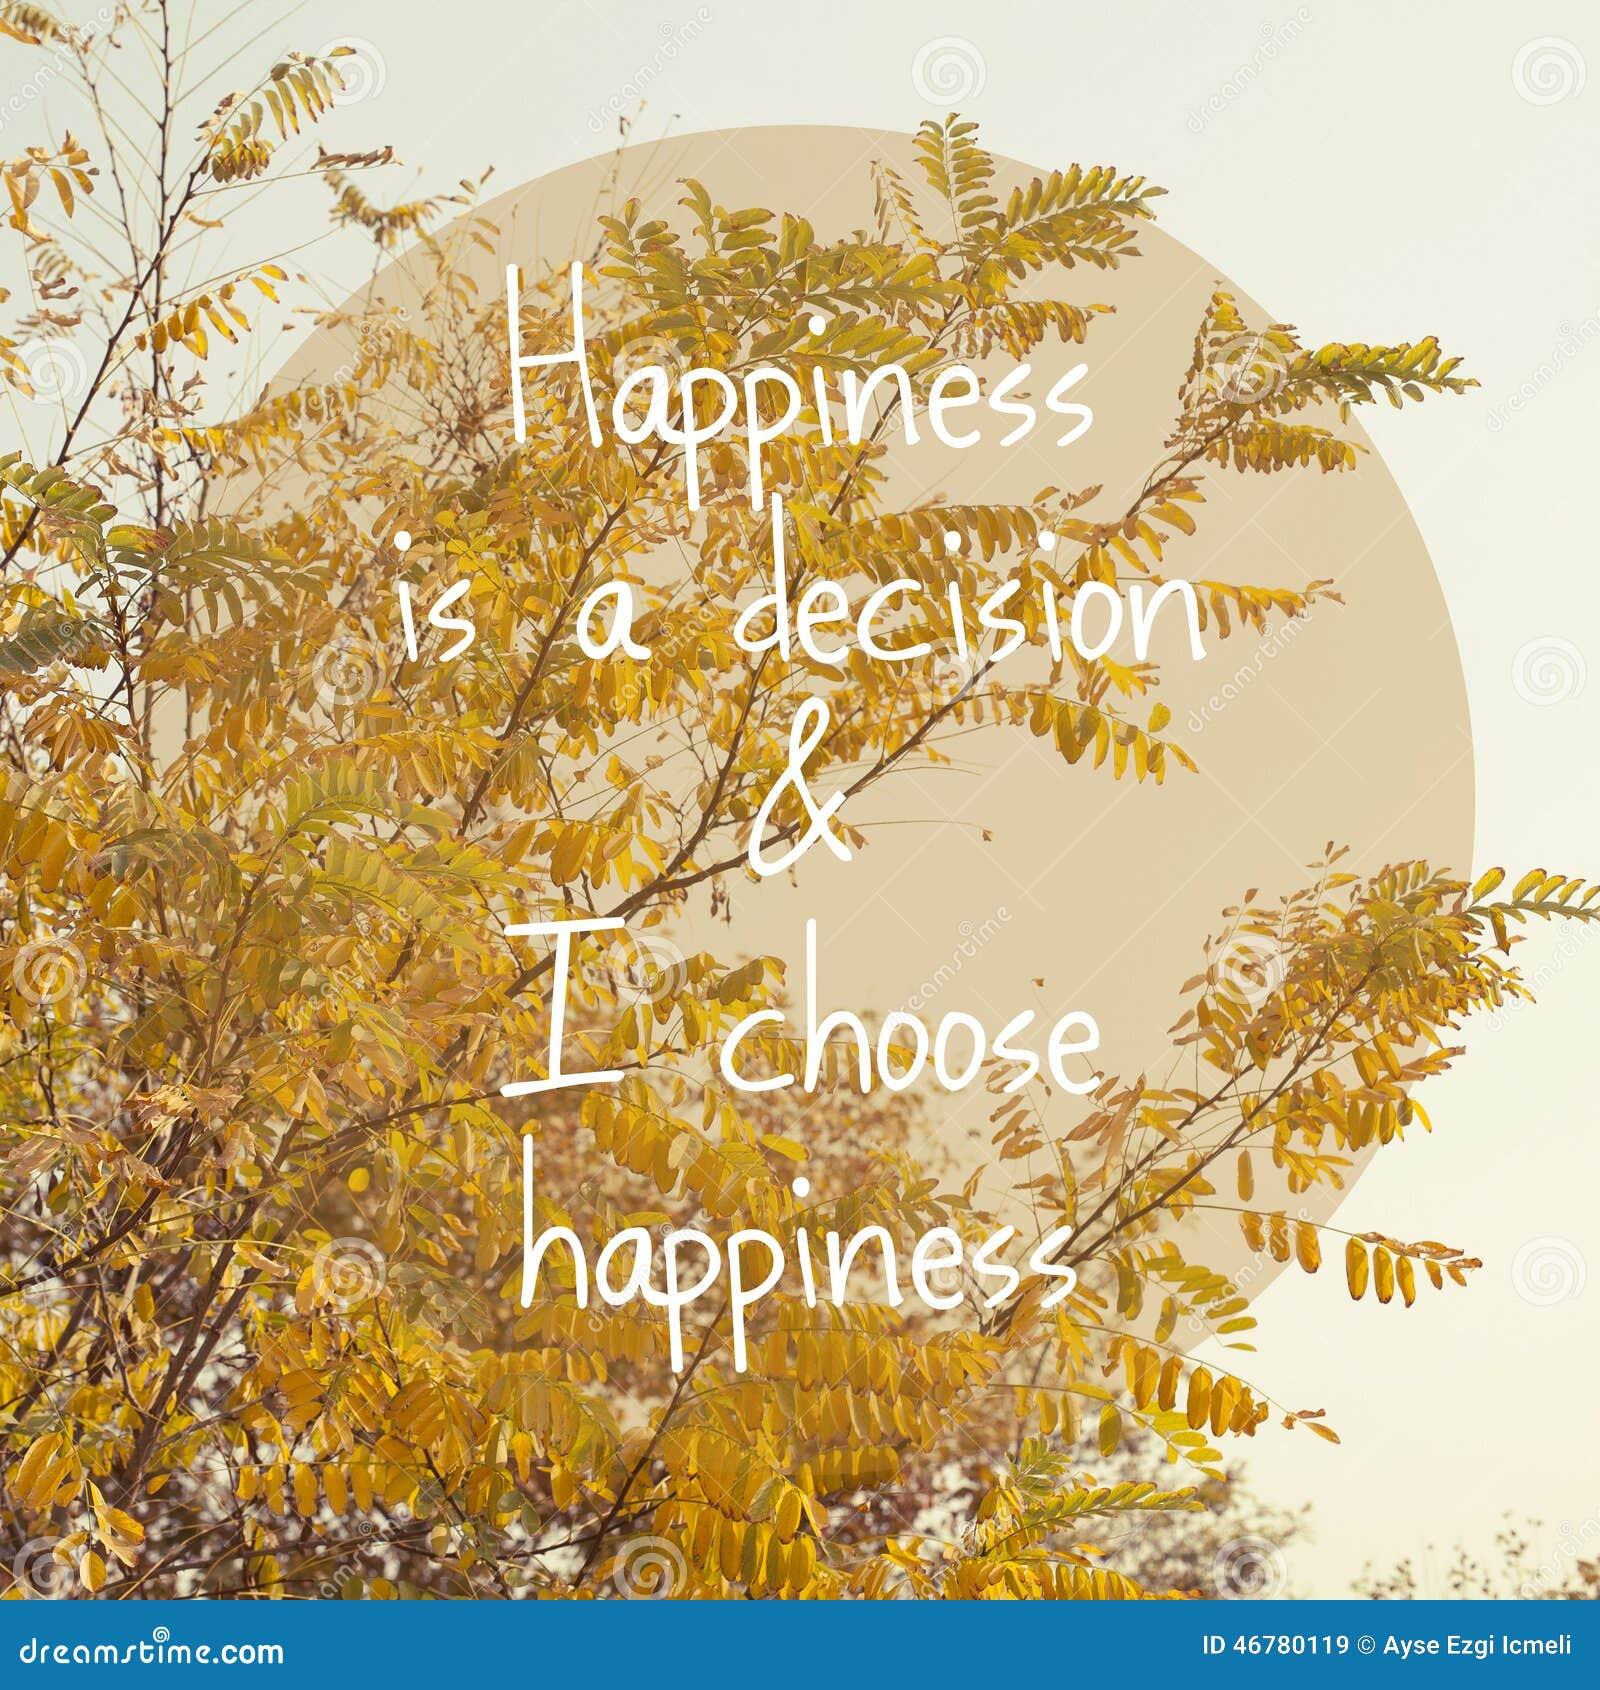 Inspirierend Leben Zitat Design Plakat Stockbild Bild Von